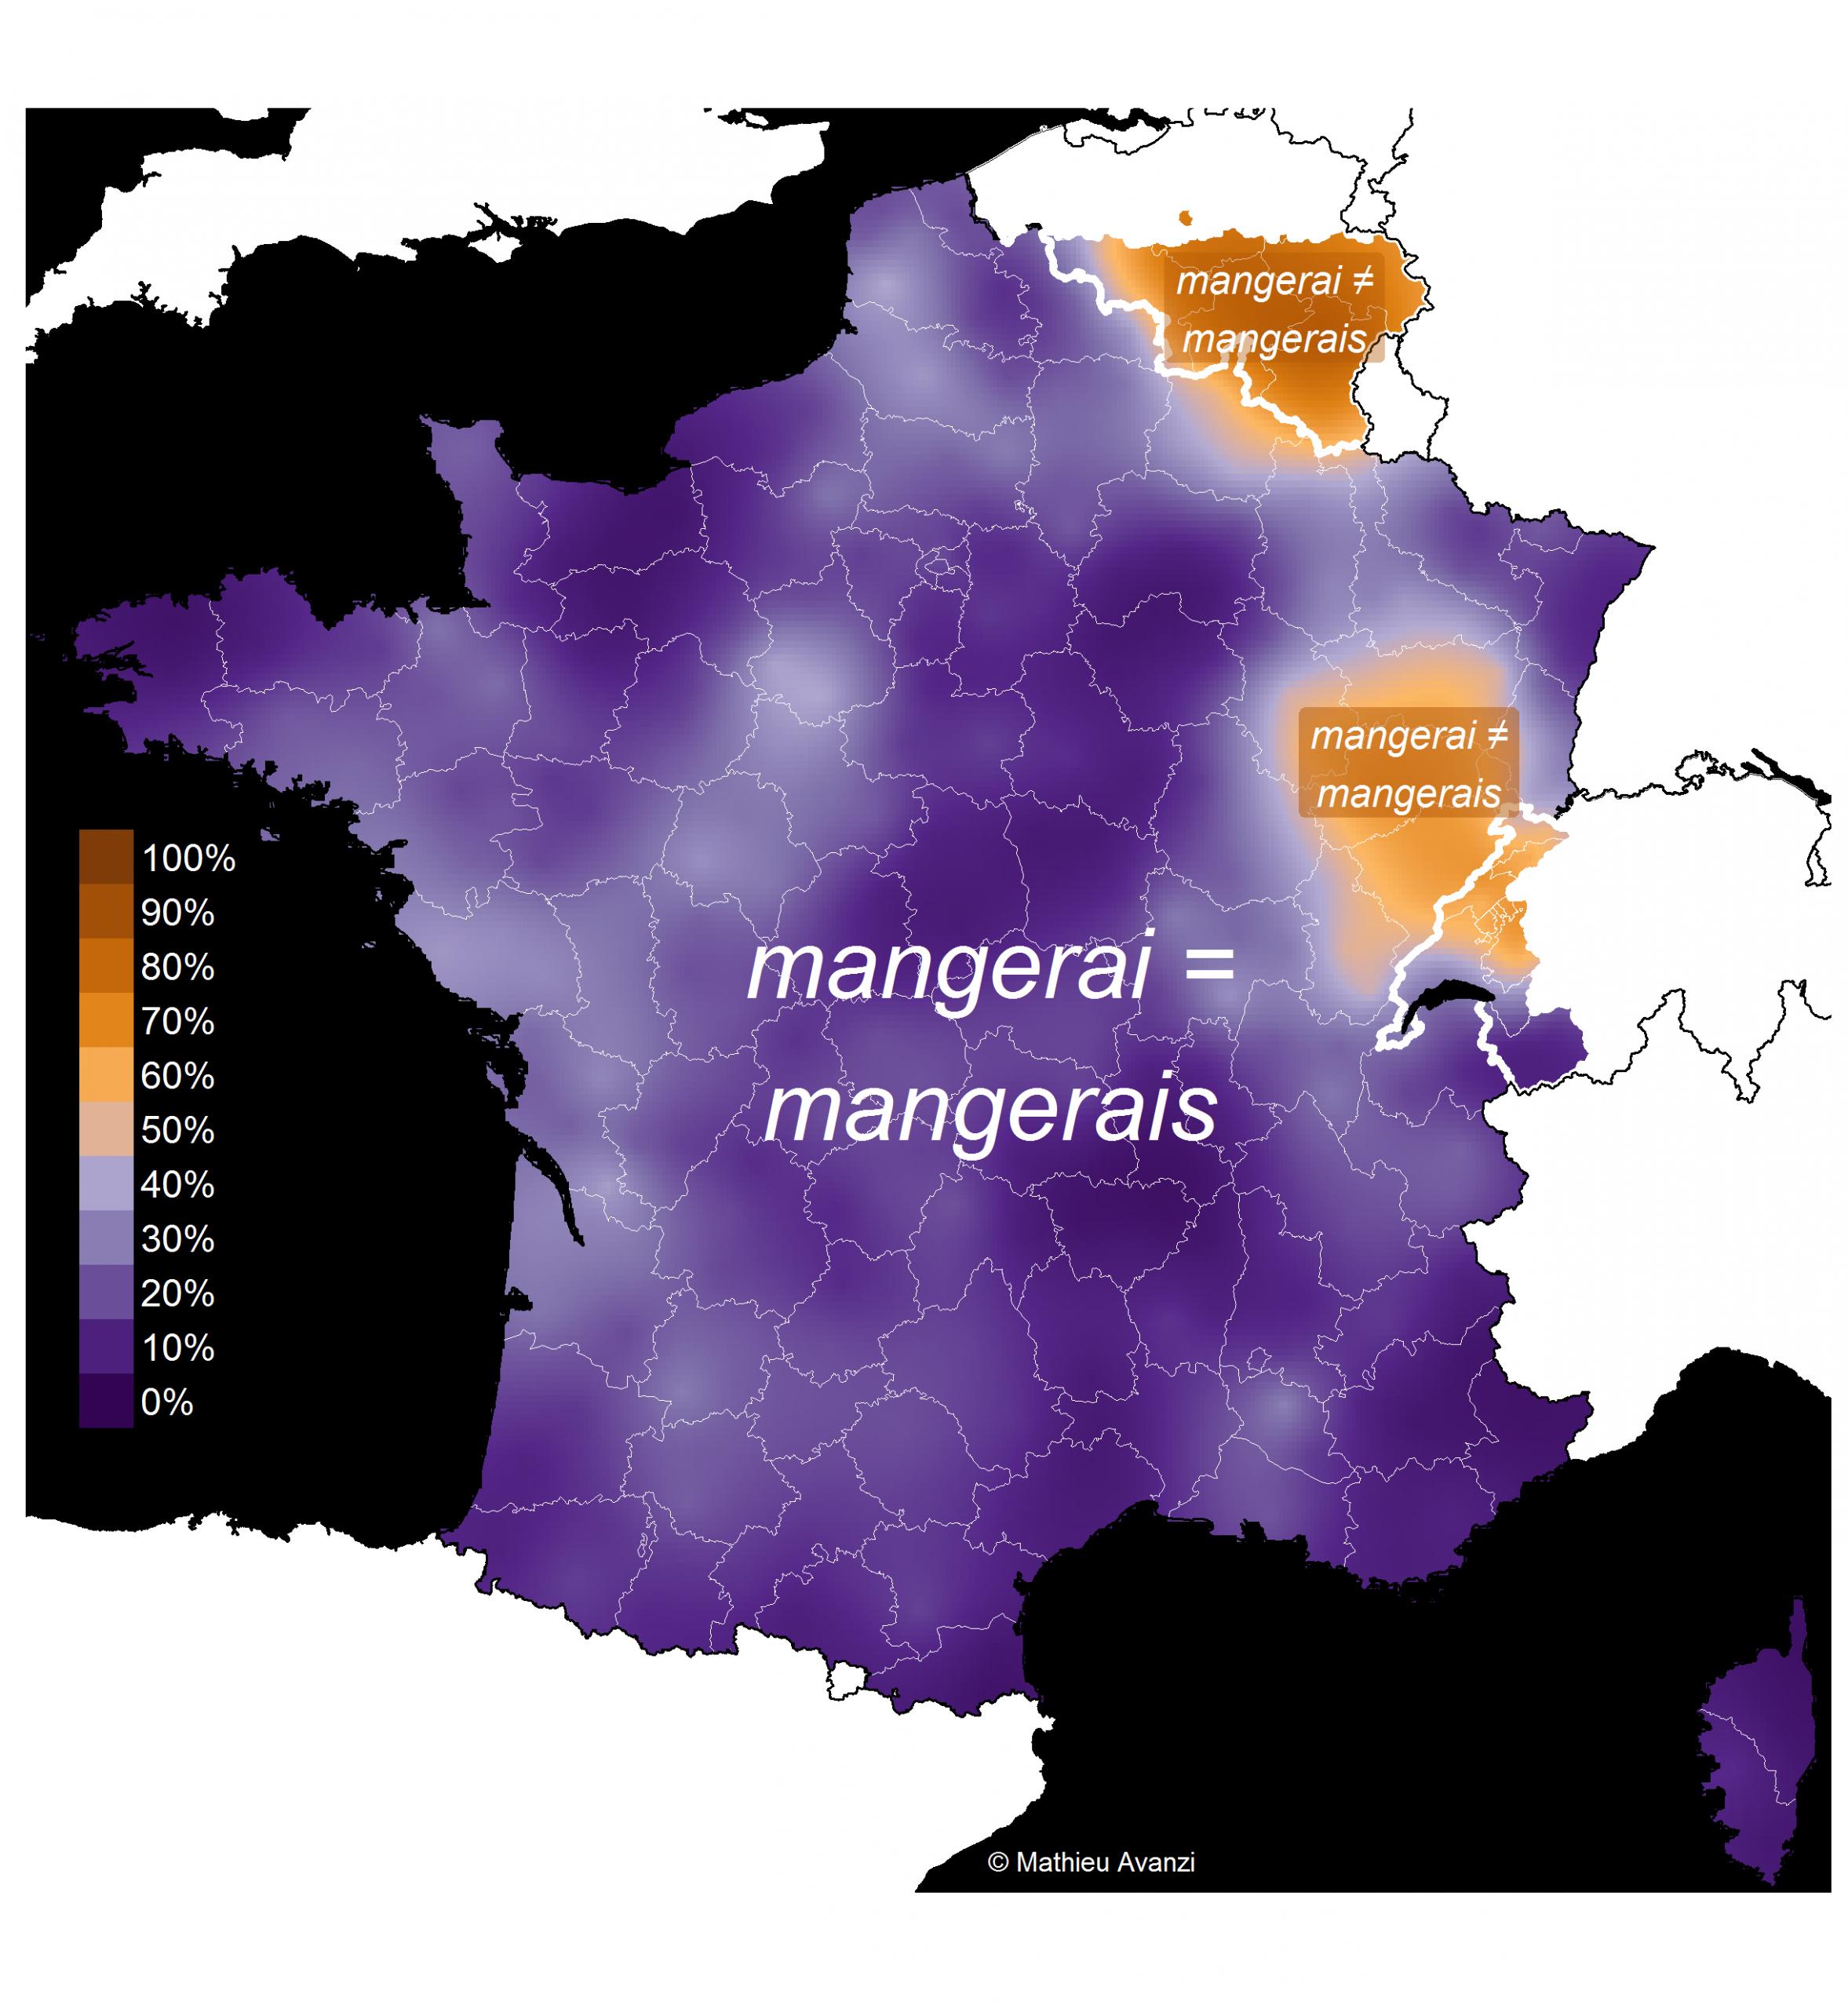 Ces Prononciations Qui Divisent La France – Français De Nos destiné Apprendre Les Régions De France